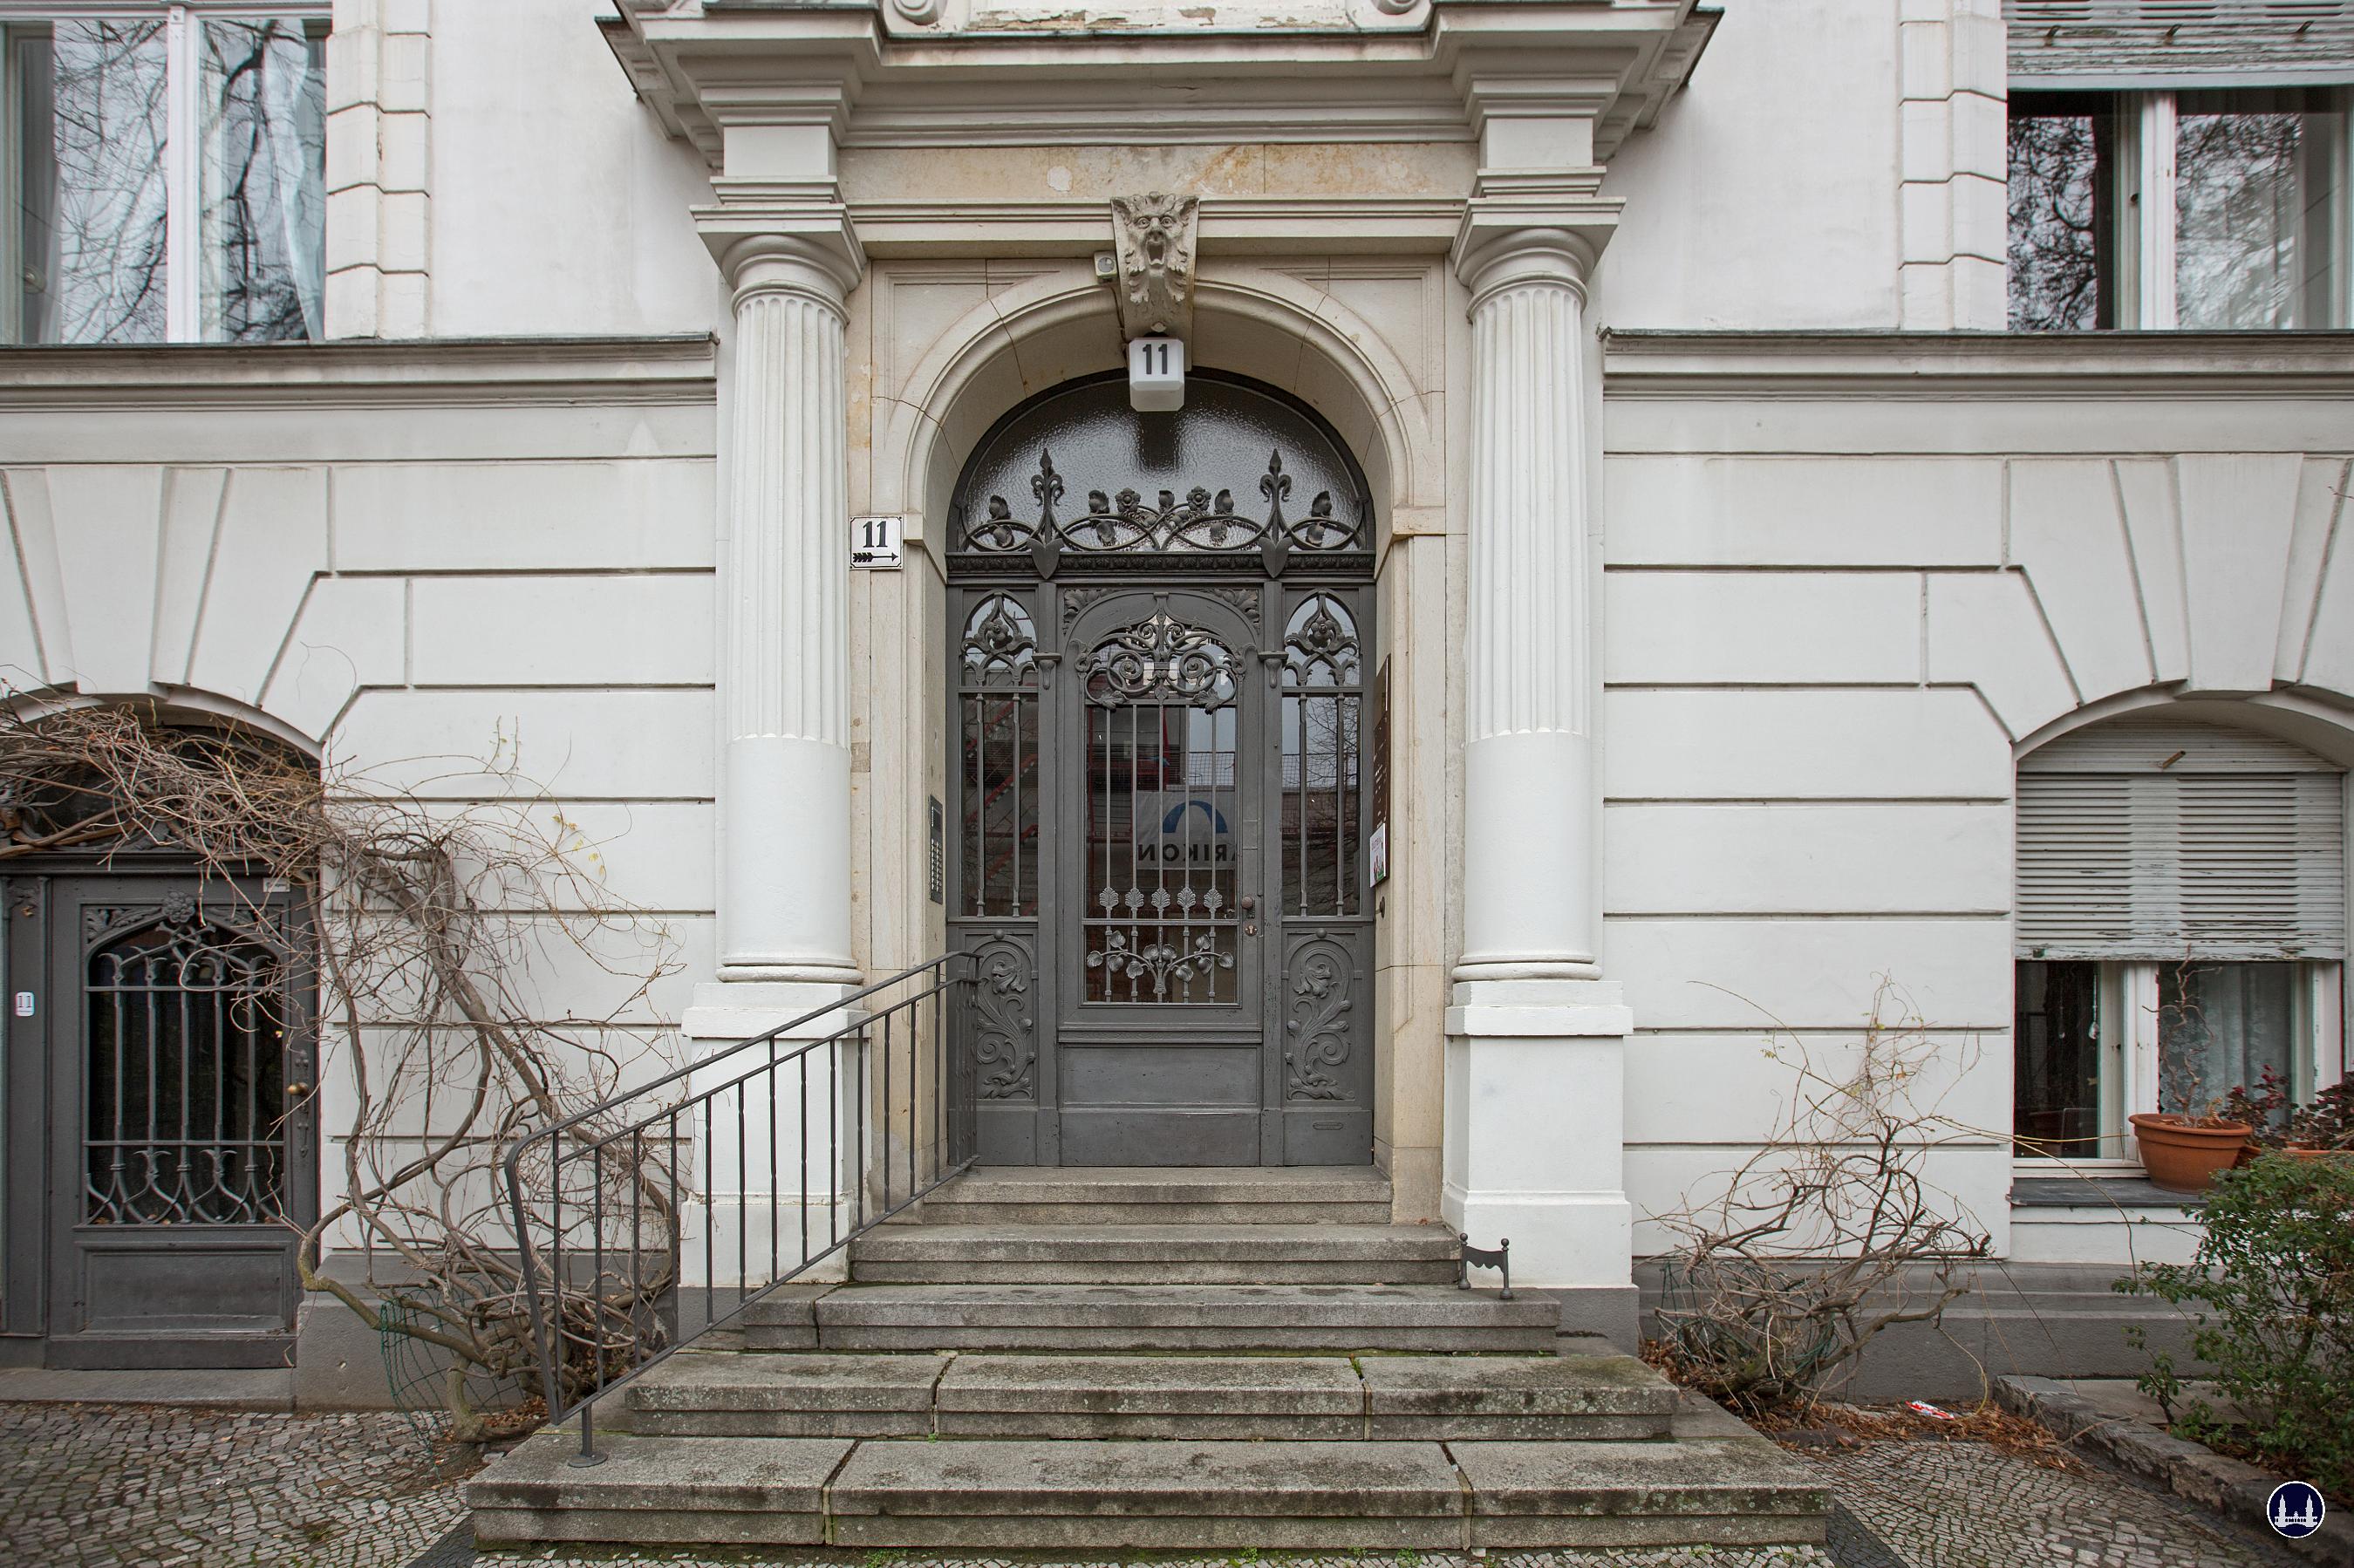 Blick auf den Eingang zum Vorderhaus.